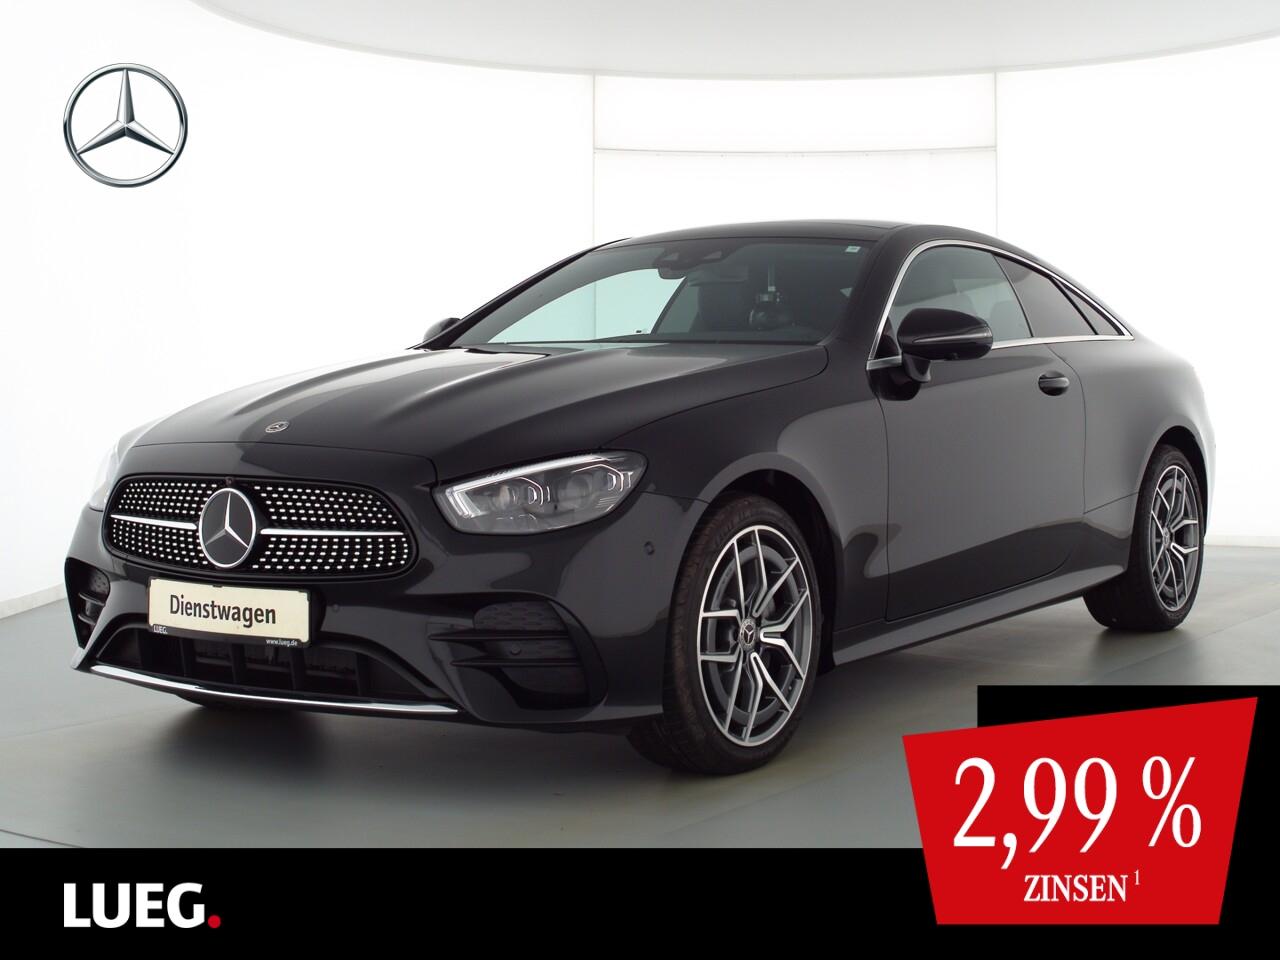 Mercedes-Benz E 220 d 4M Coupé AMG+SITZKLIMA+FAHRASS+PANO+360°, Jahr 2021, Diesel